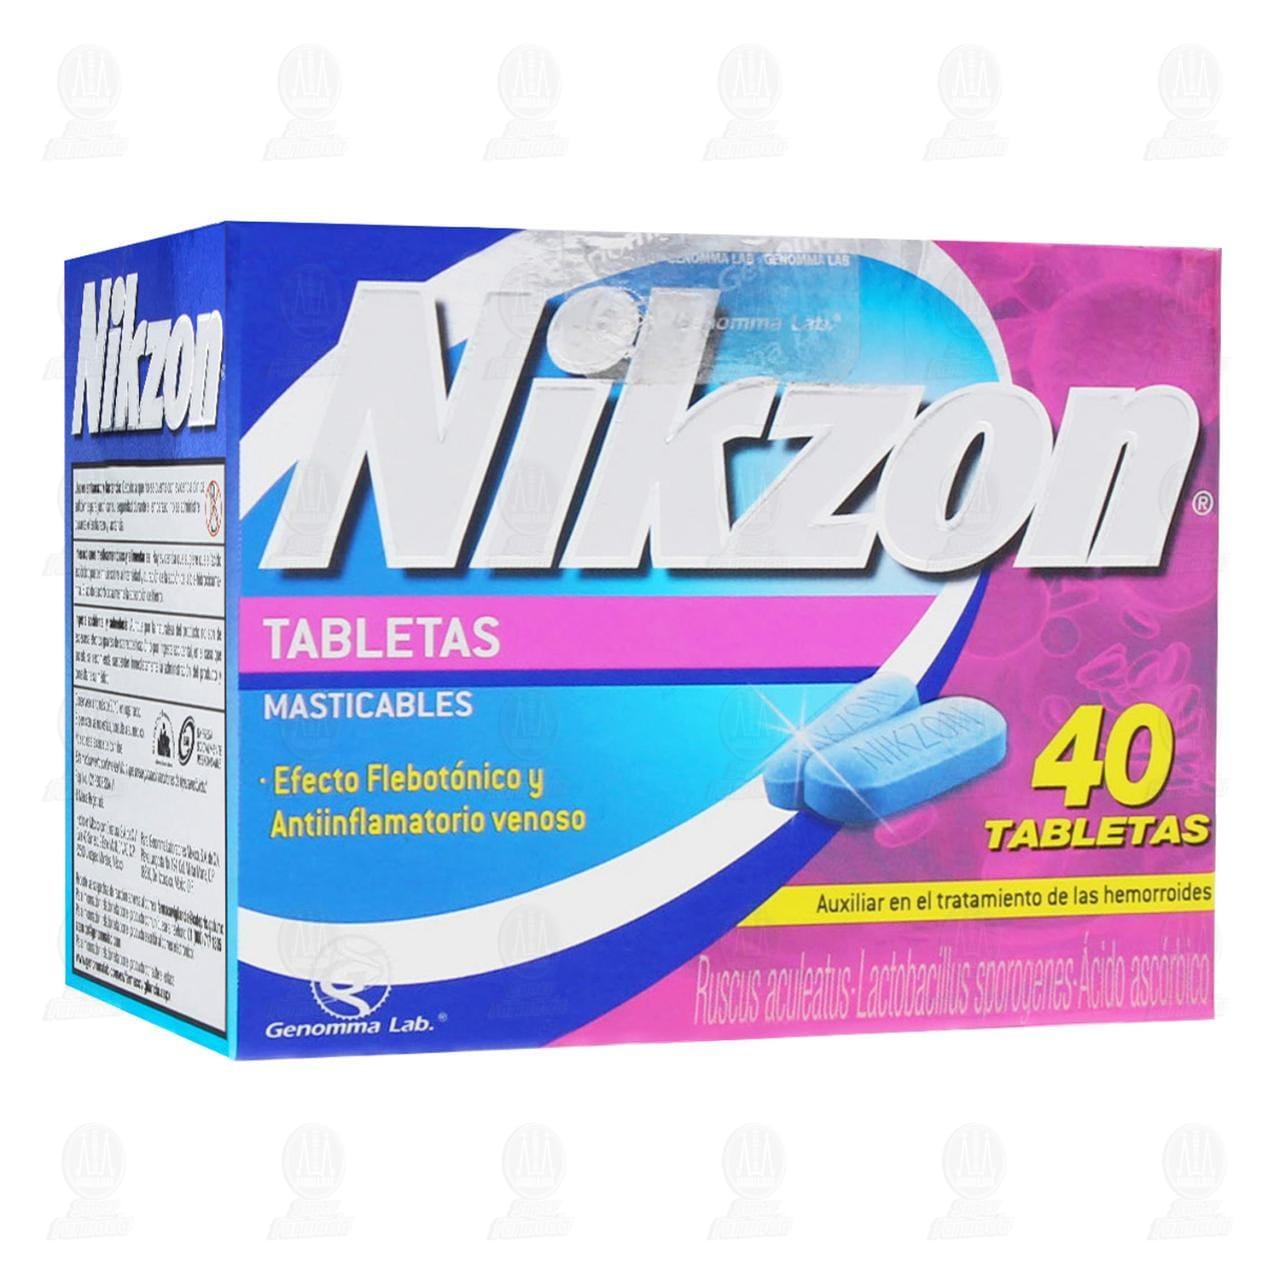 Comprar Nikzon 40 Tabletas Masticables en Farmacias Guadalajara